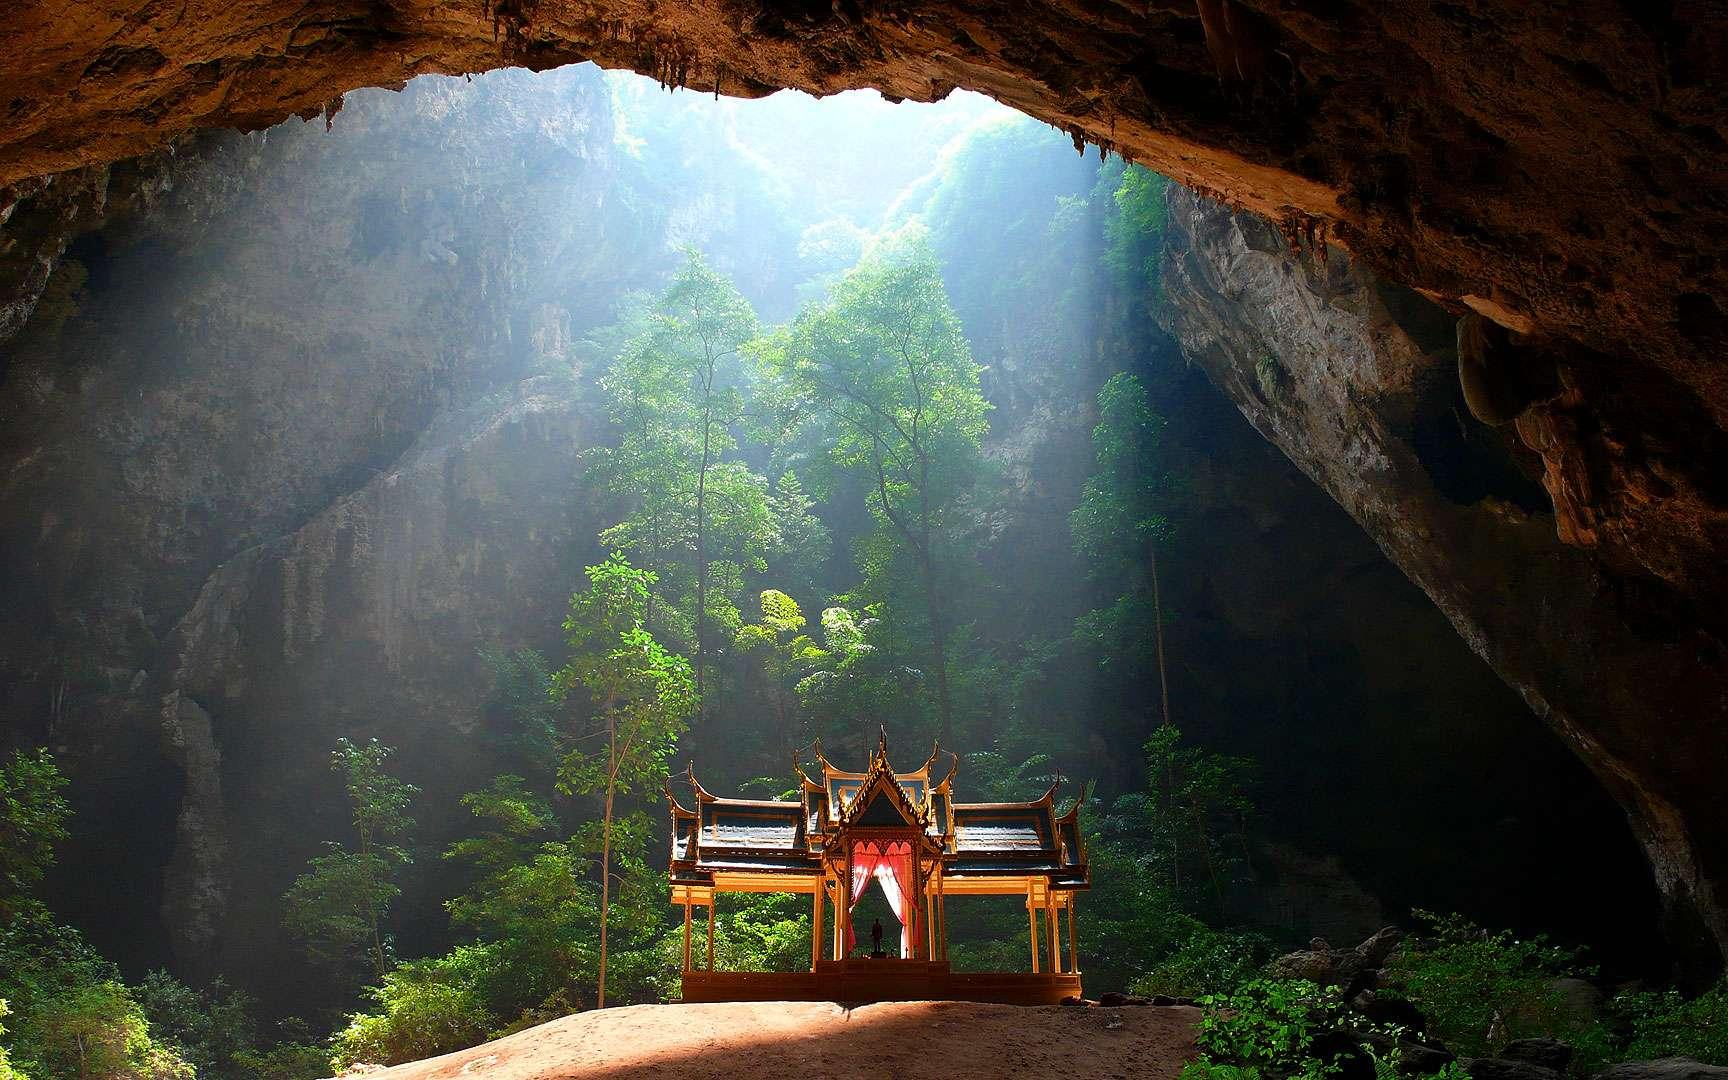 La grotte de Phraya Nakhon, en Thaïlande. Cette vue de la grotte de Phraya Nakhon située dans le parc national marin de Khao Sam Roi Yot, en Thaïlande, permet de découvrir un élégant pavillon dédié au roi Rama V, qui a été édifié sur un petit tertre d'argile rougeâtre. La vaste caverne de roche calcaire a été creusée par le ruissellement des eaux pluviales et sa partie supérieure est percée de plusieurs ouvertures au travers desquelles s'infiltre la lumière du jour. Une arche, sorte de pont fantasmagorique, surplombe la grotte dans laquelle croît une végétation luxuriante. © Niels Mickers, CC by 3.0 NL